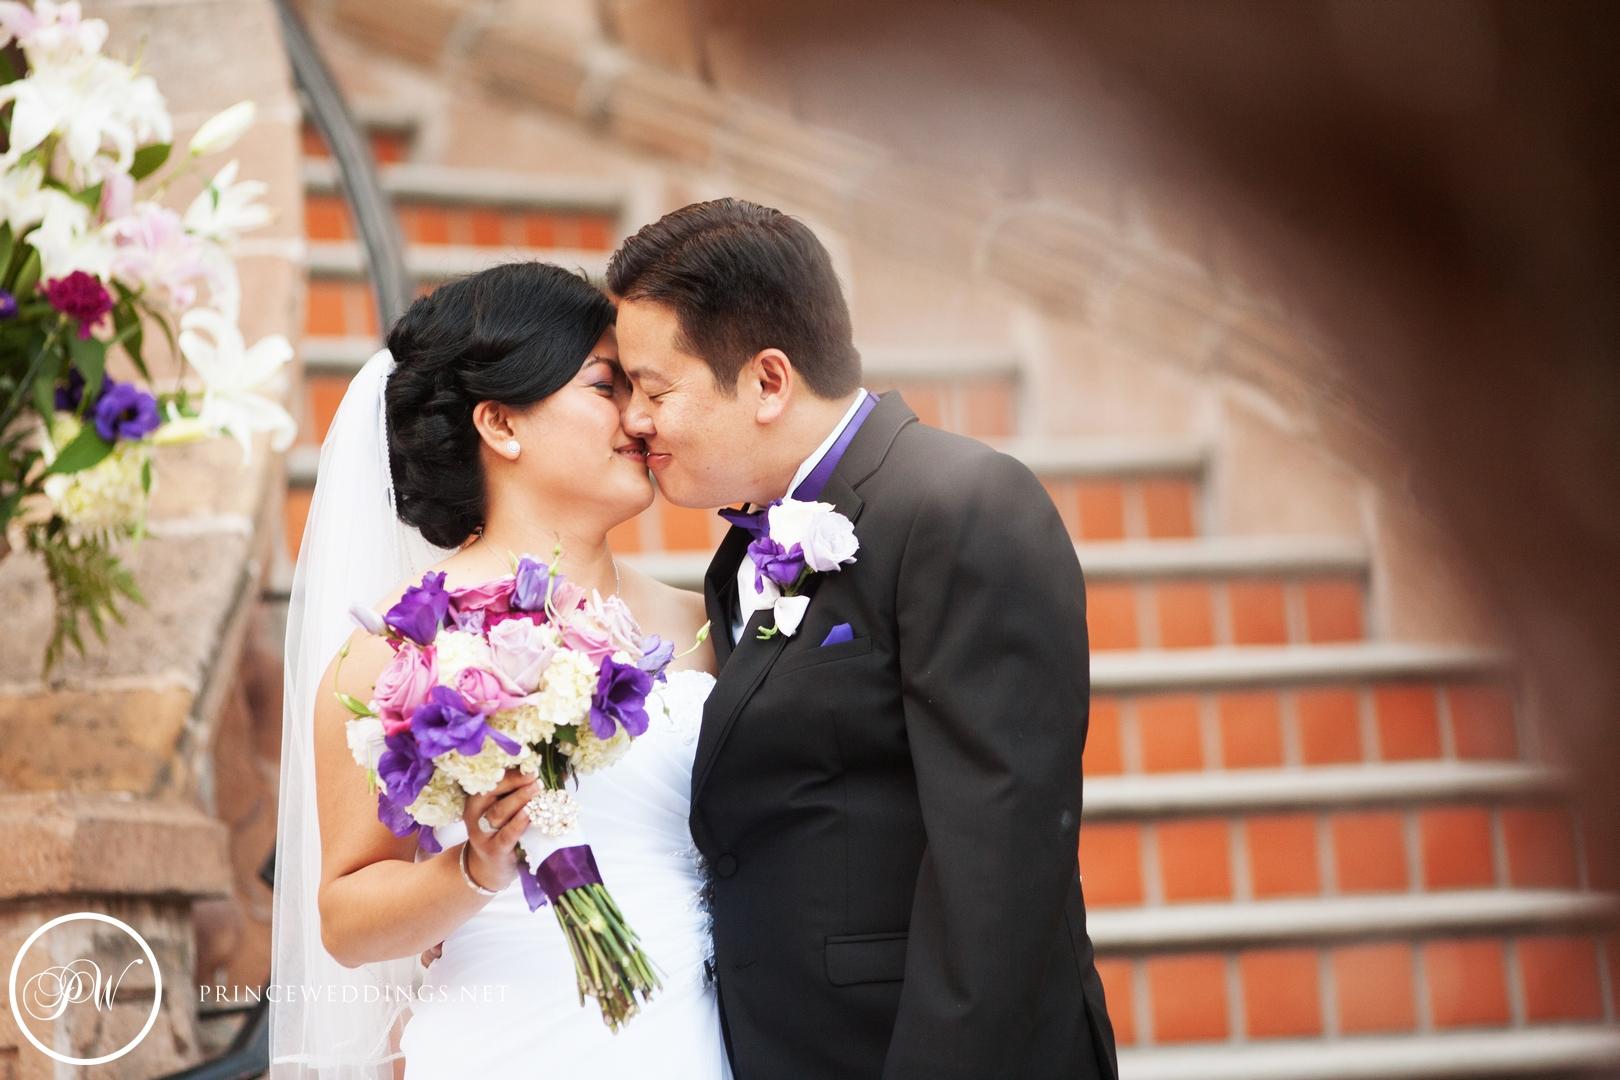 TurnipRose_Wedding_Photography_James+Luisa77.jpg